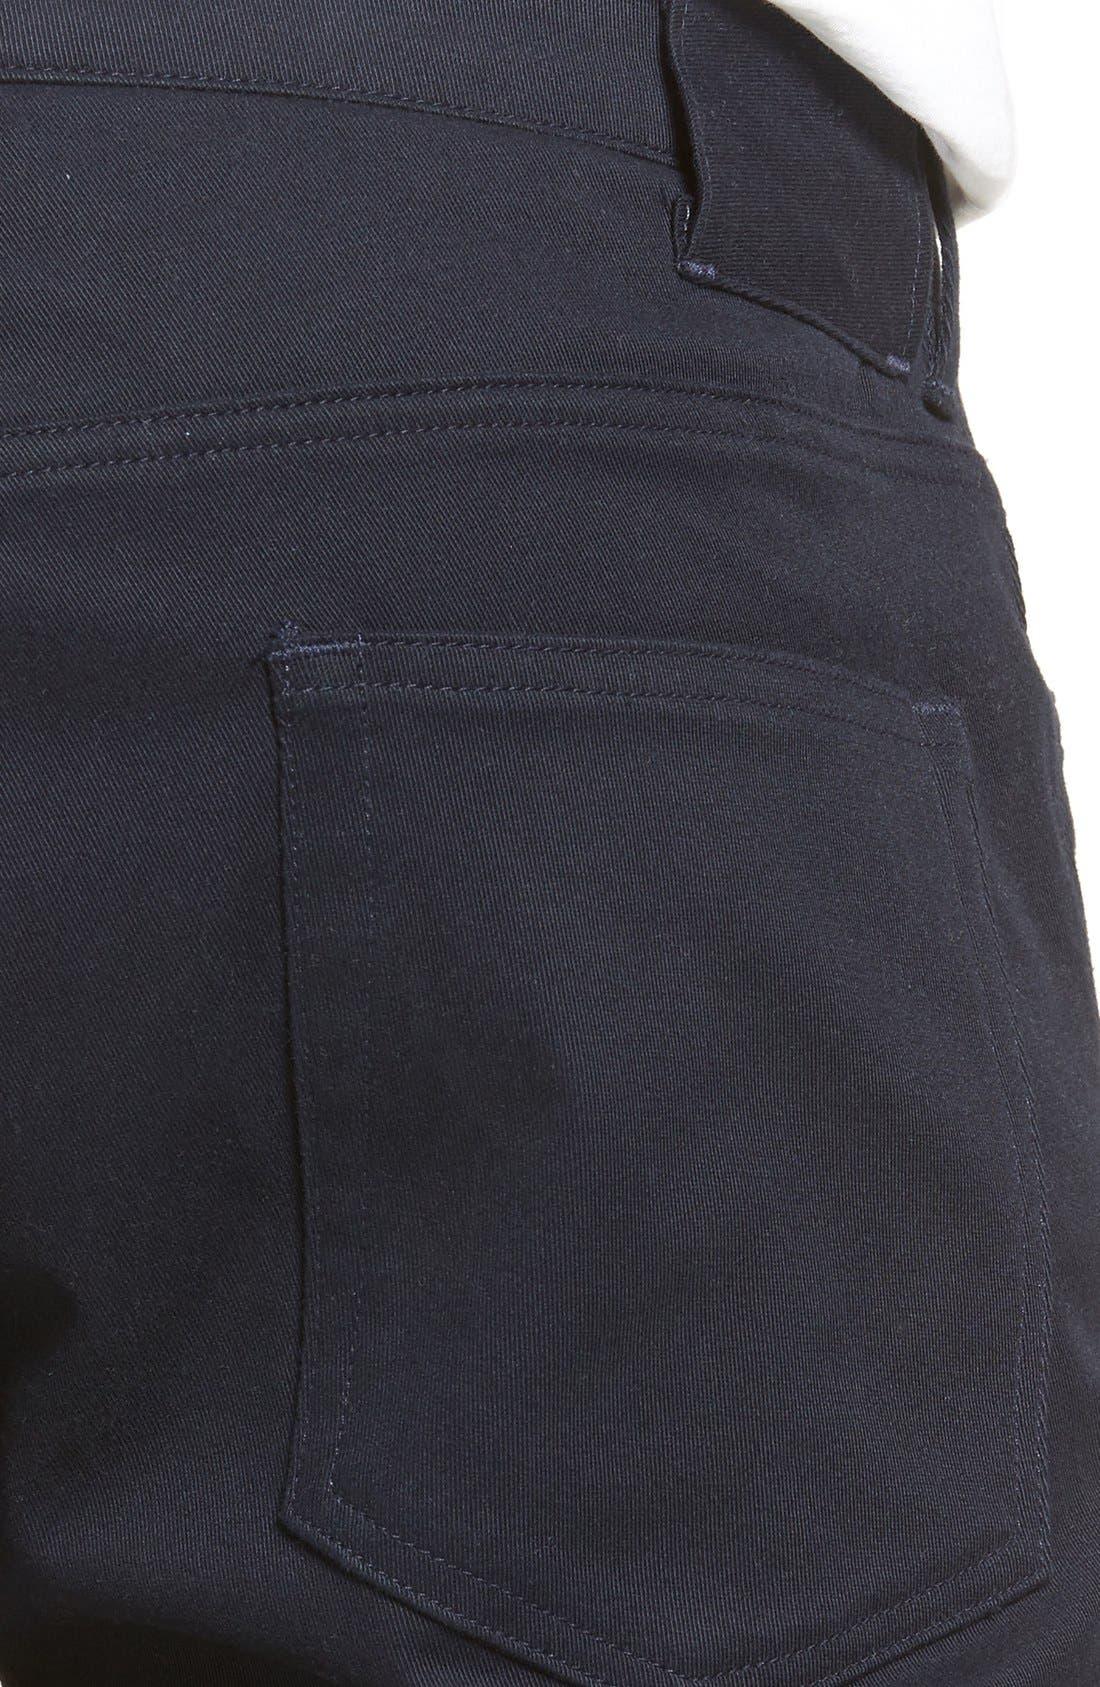 Alternate Image 4  - Vince Soho Slim Fit Five-Pocket Pants